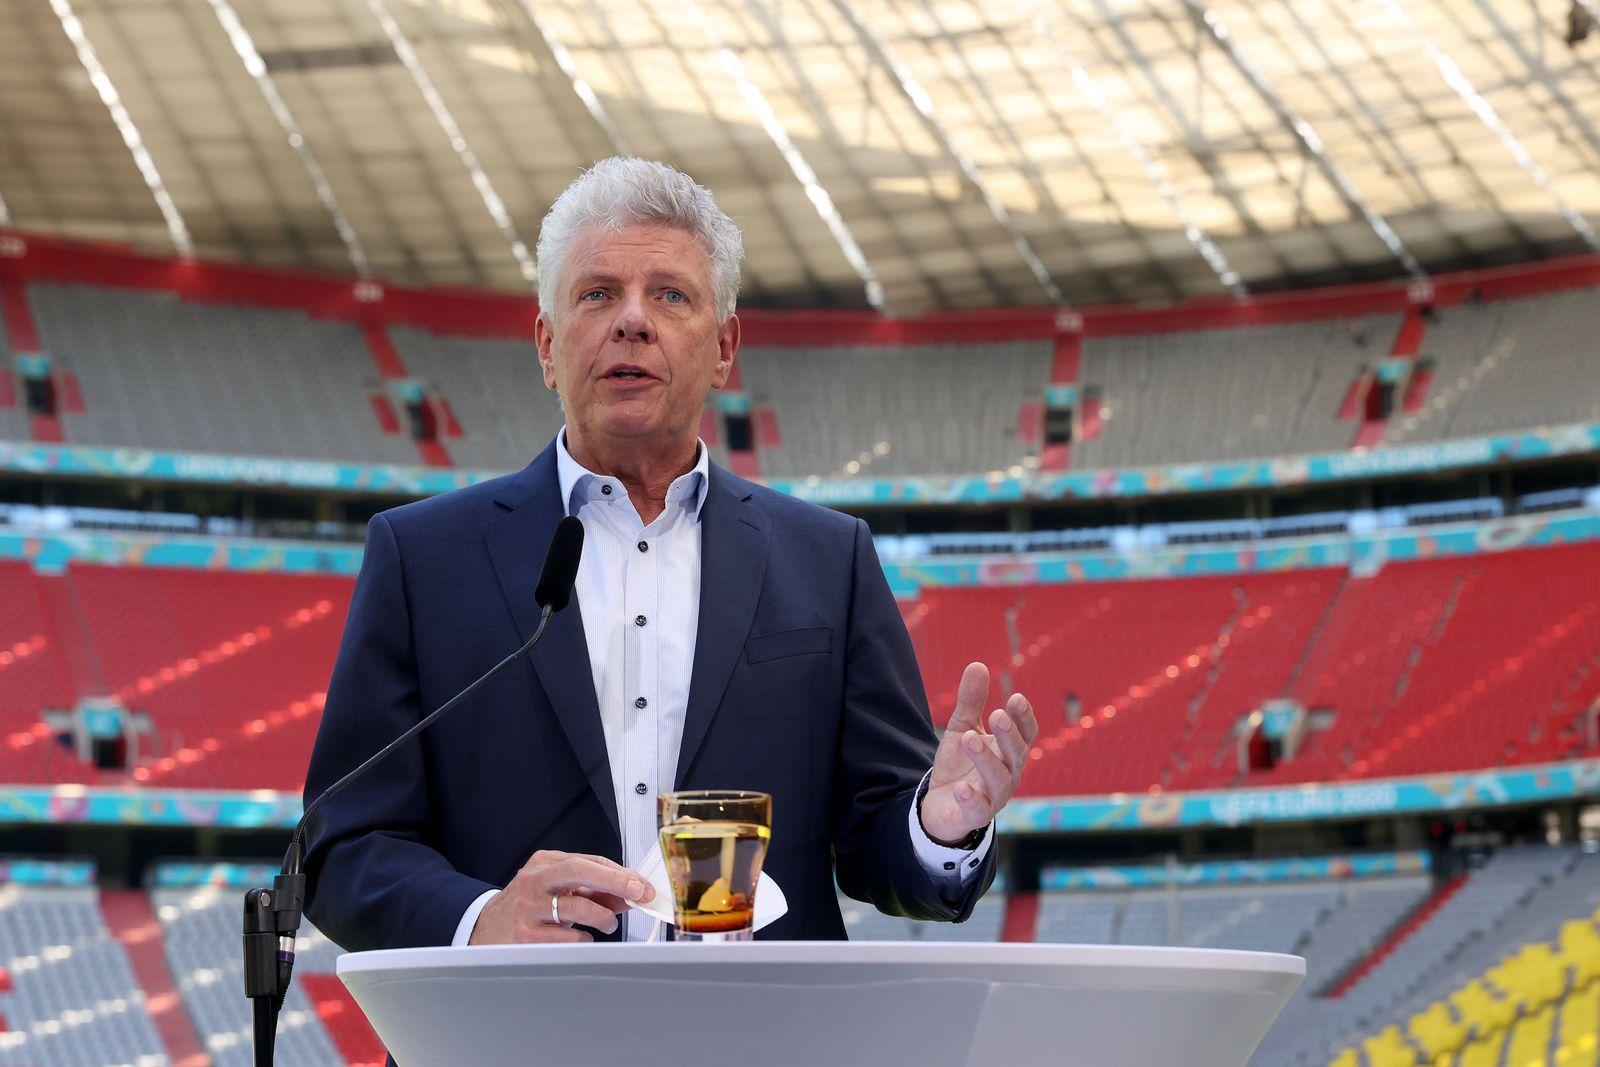 Fußball-EM - Vertreter von DFB und Bayerischer Staatsregierung